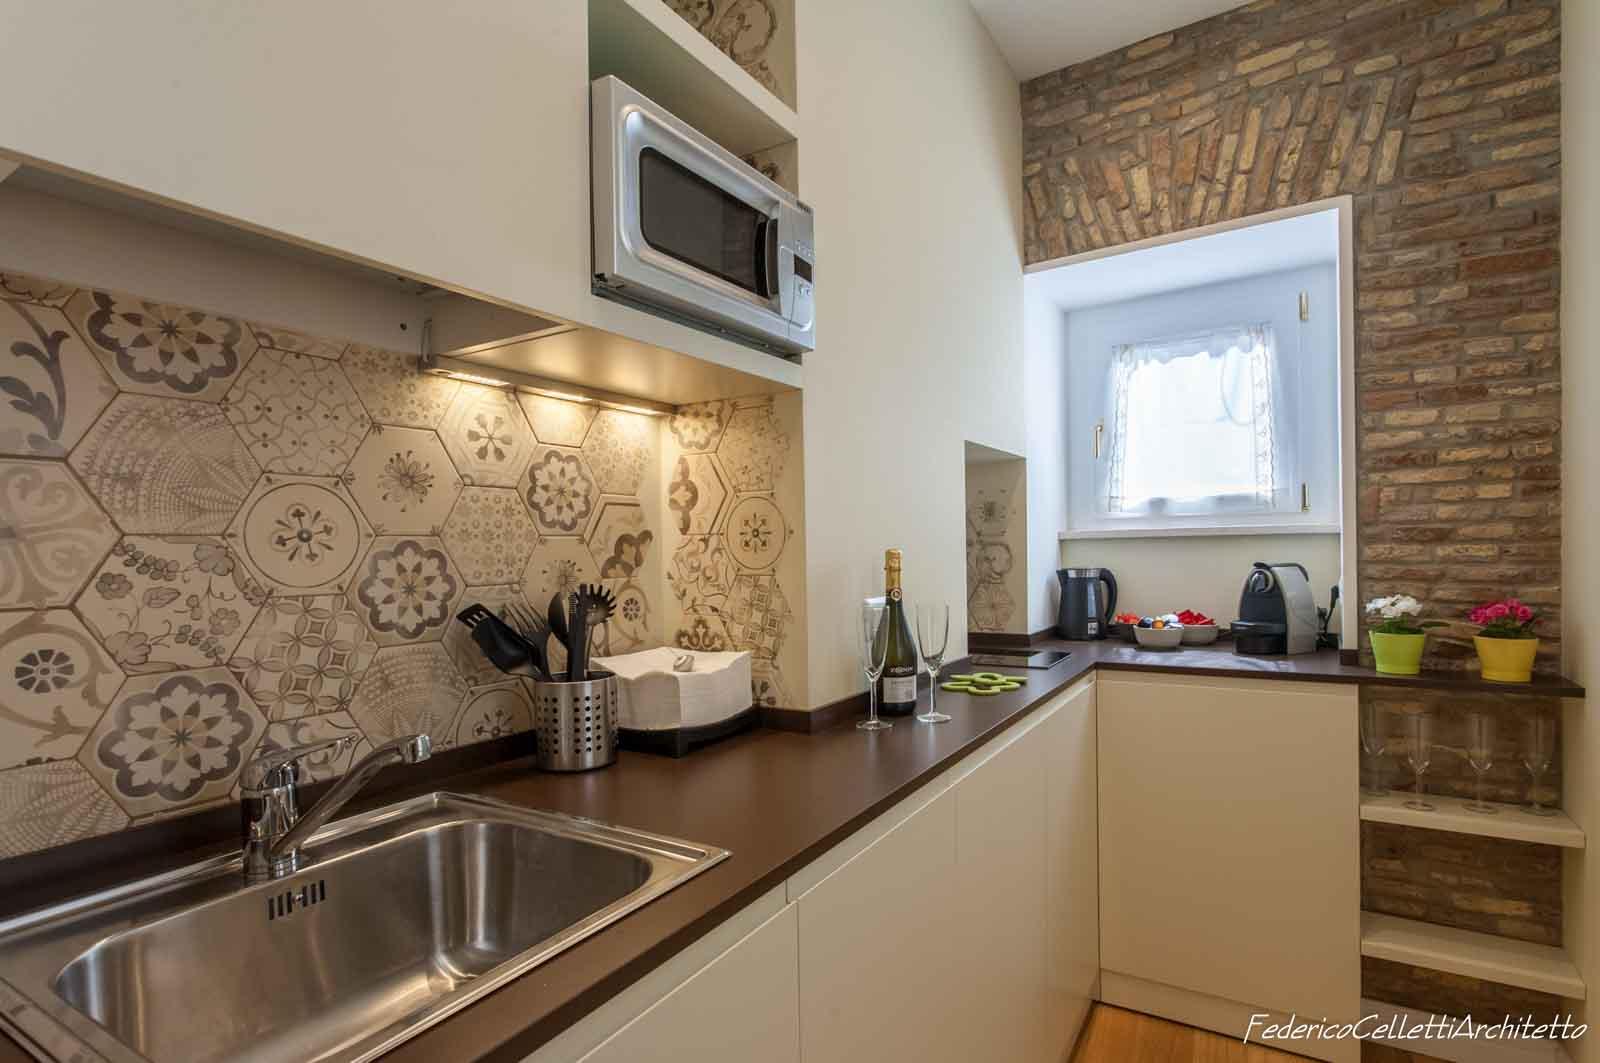 Architettura d 39 interni e ristrutturazione casa a roma for Progetti architettura interni